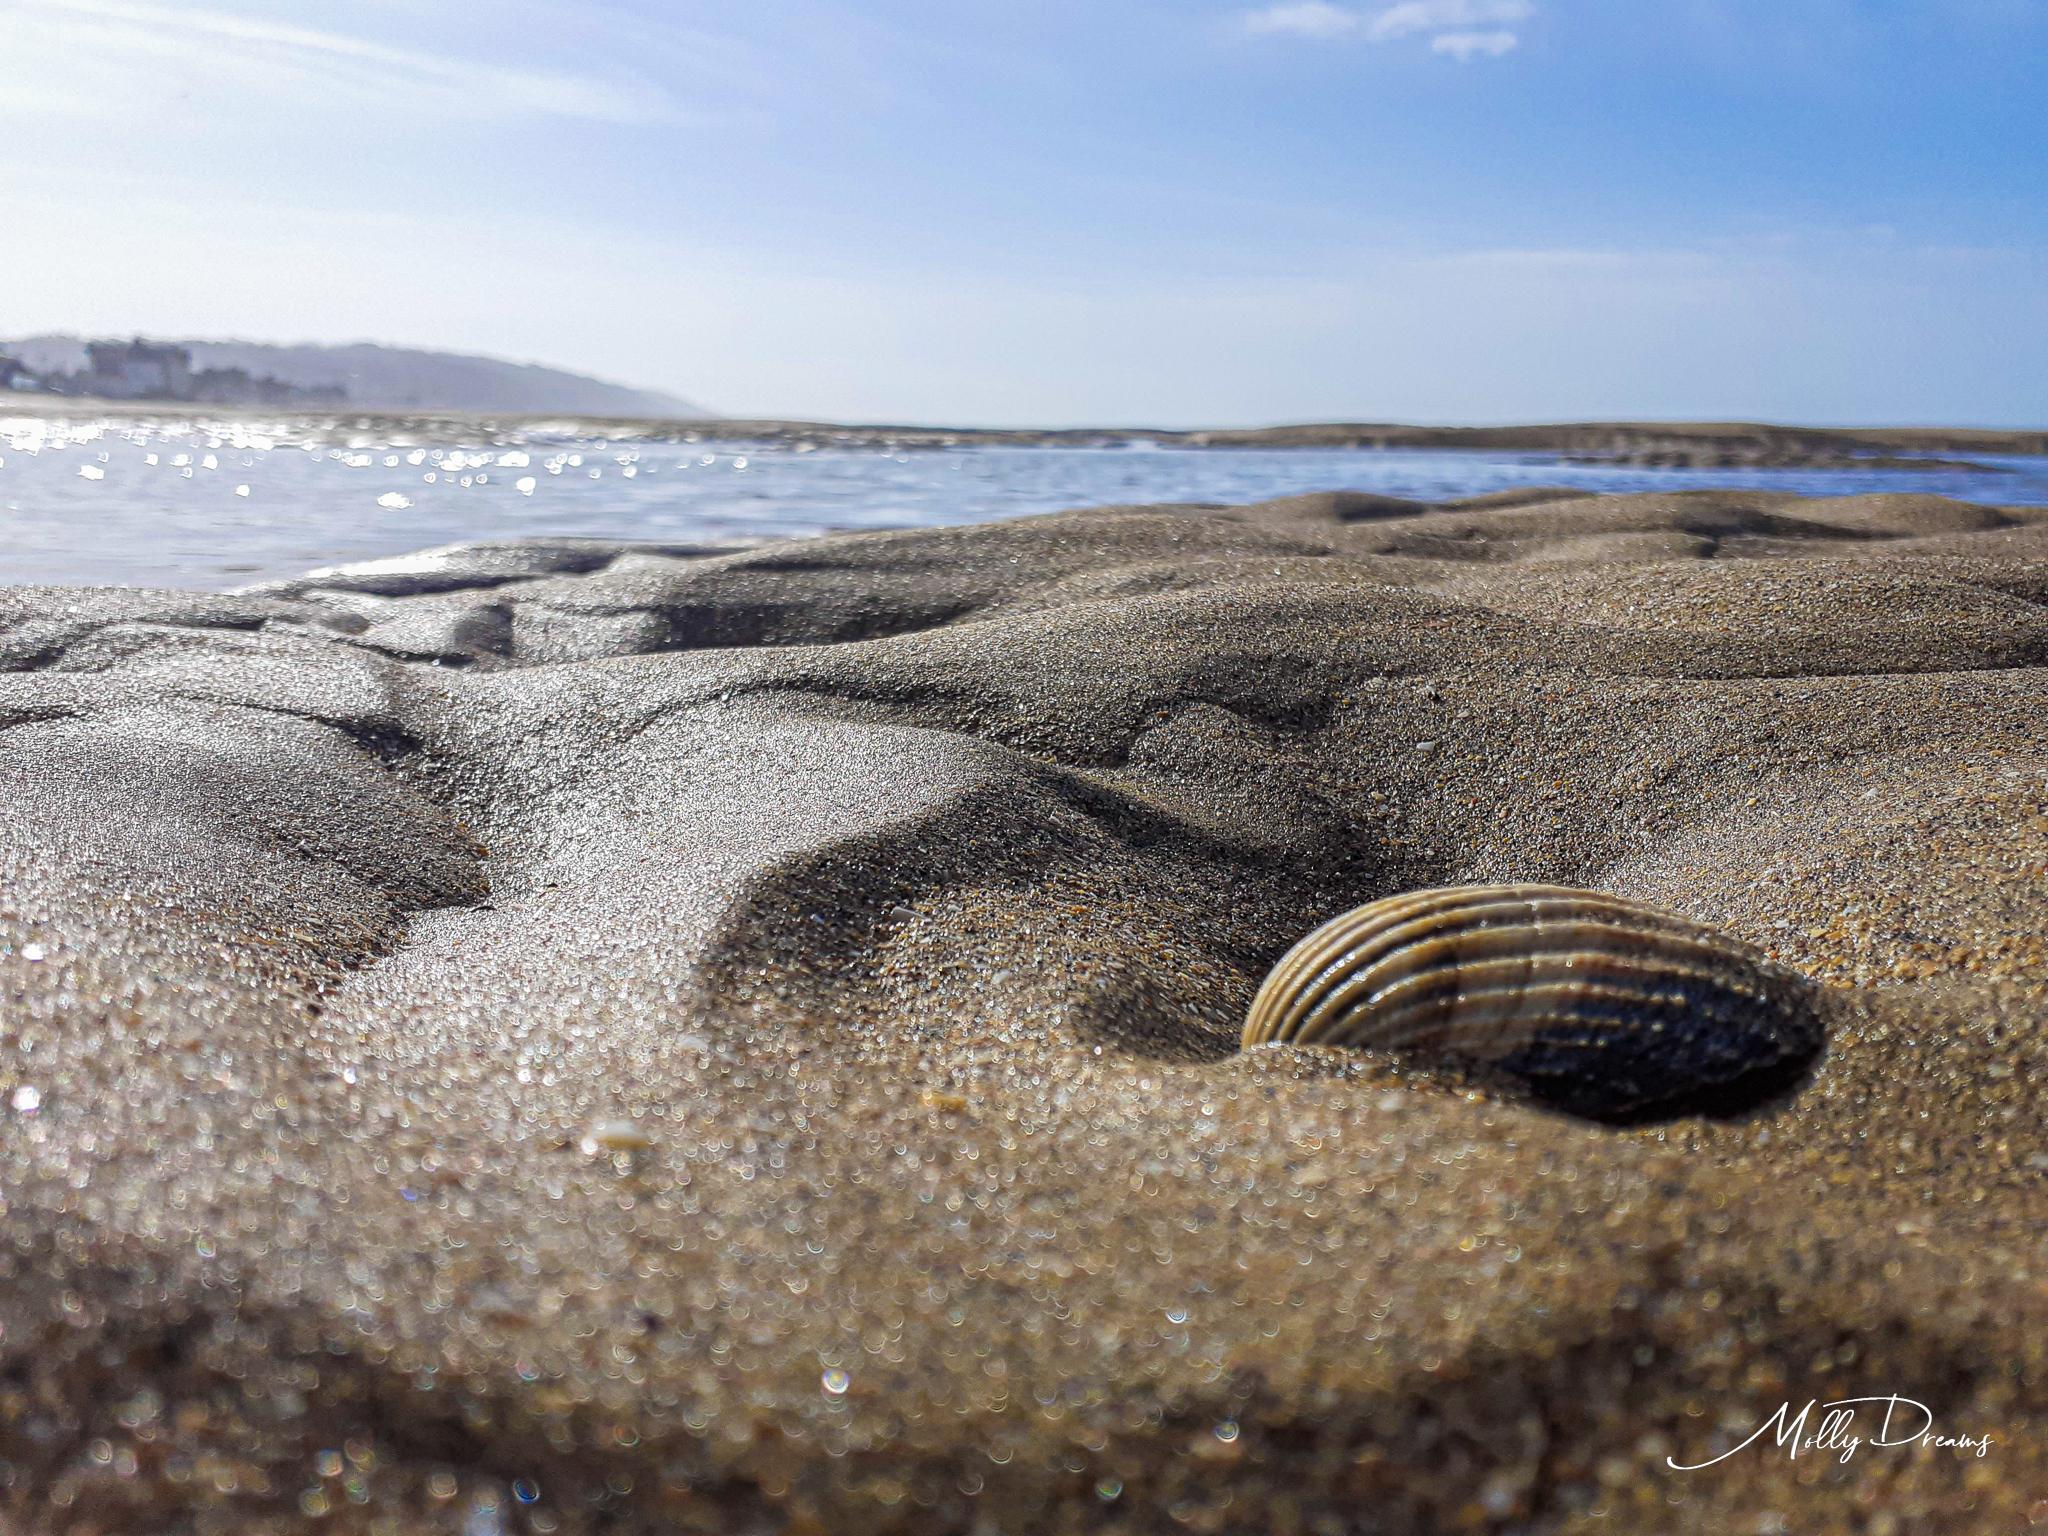 mer et plage en Normandie